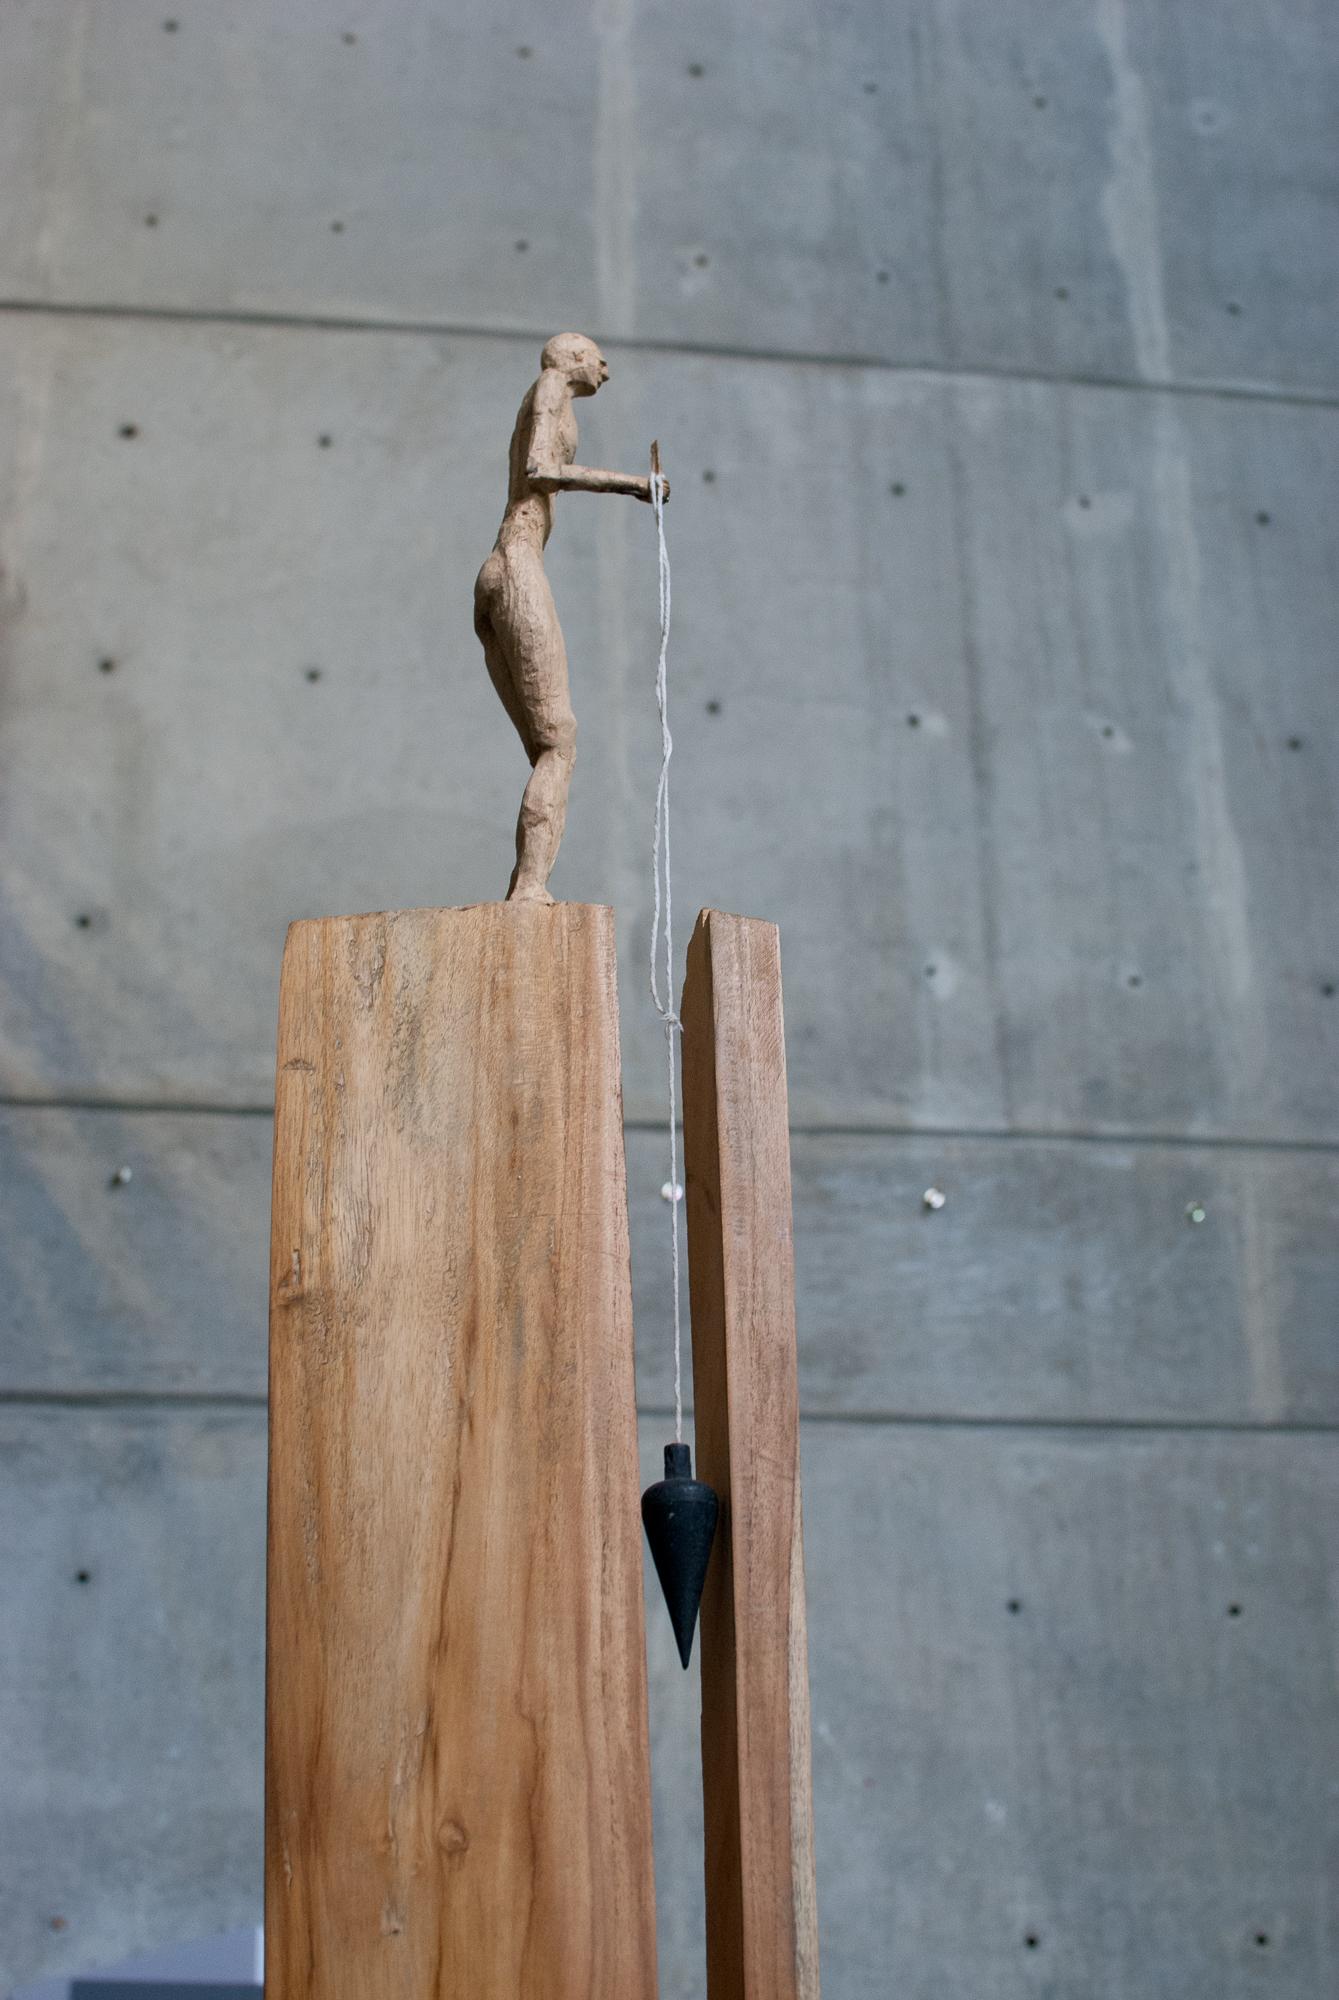 21. Hito en madera, hombre plomada.